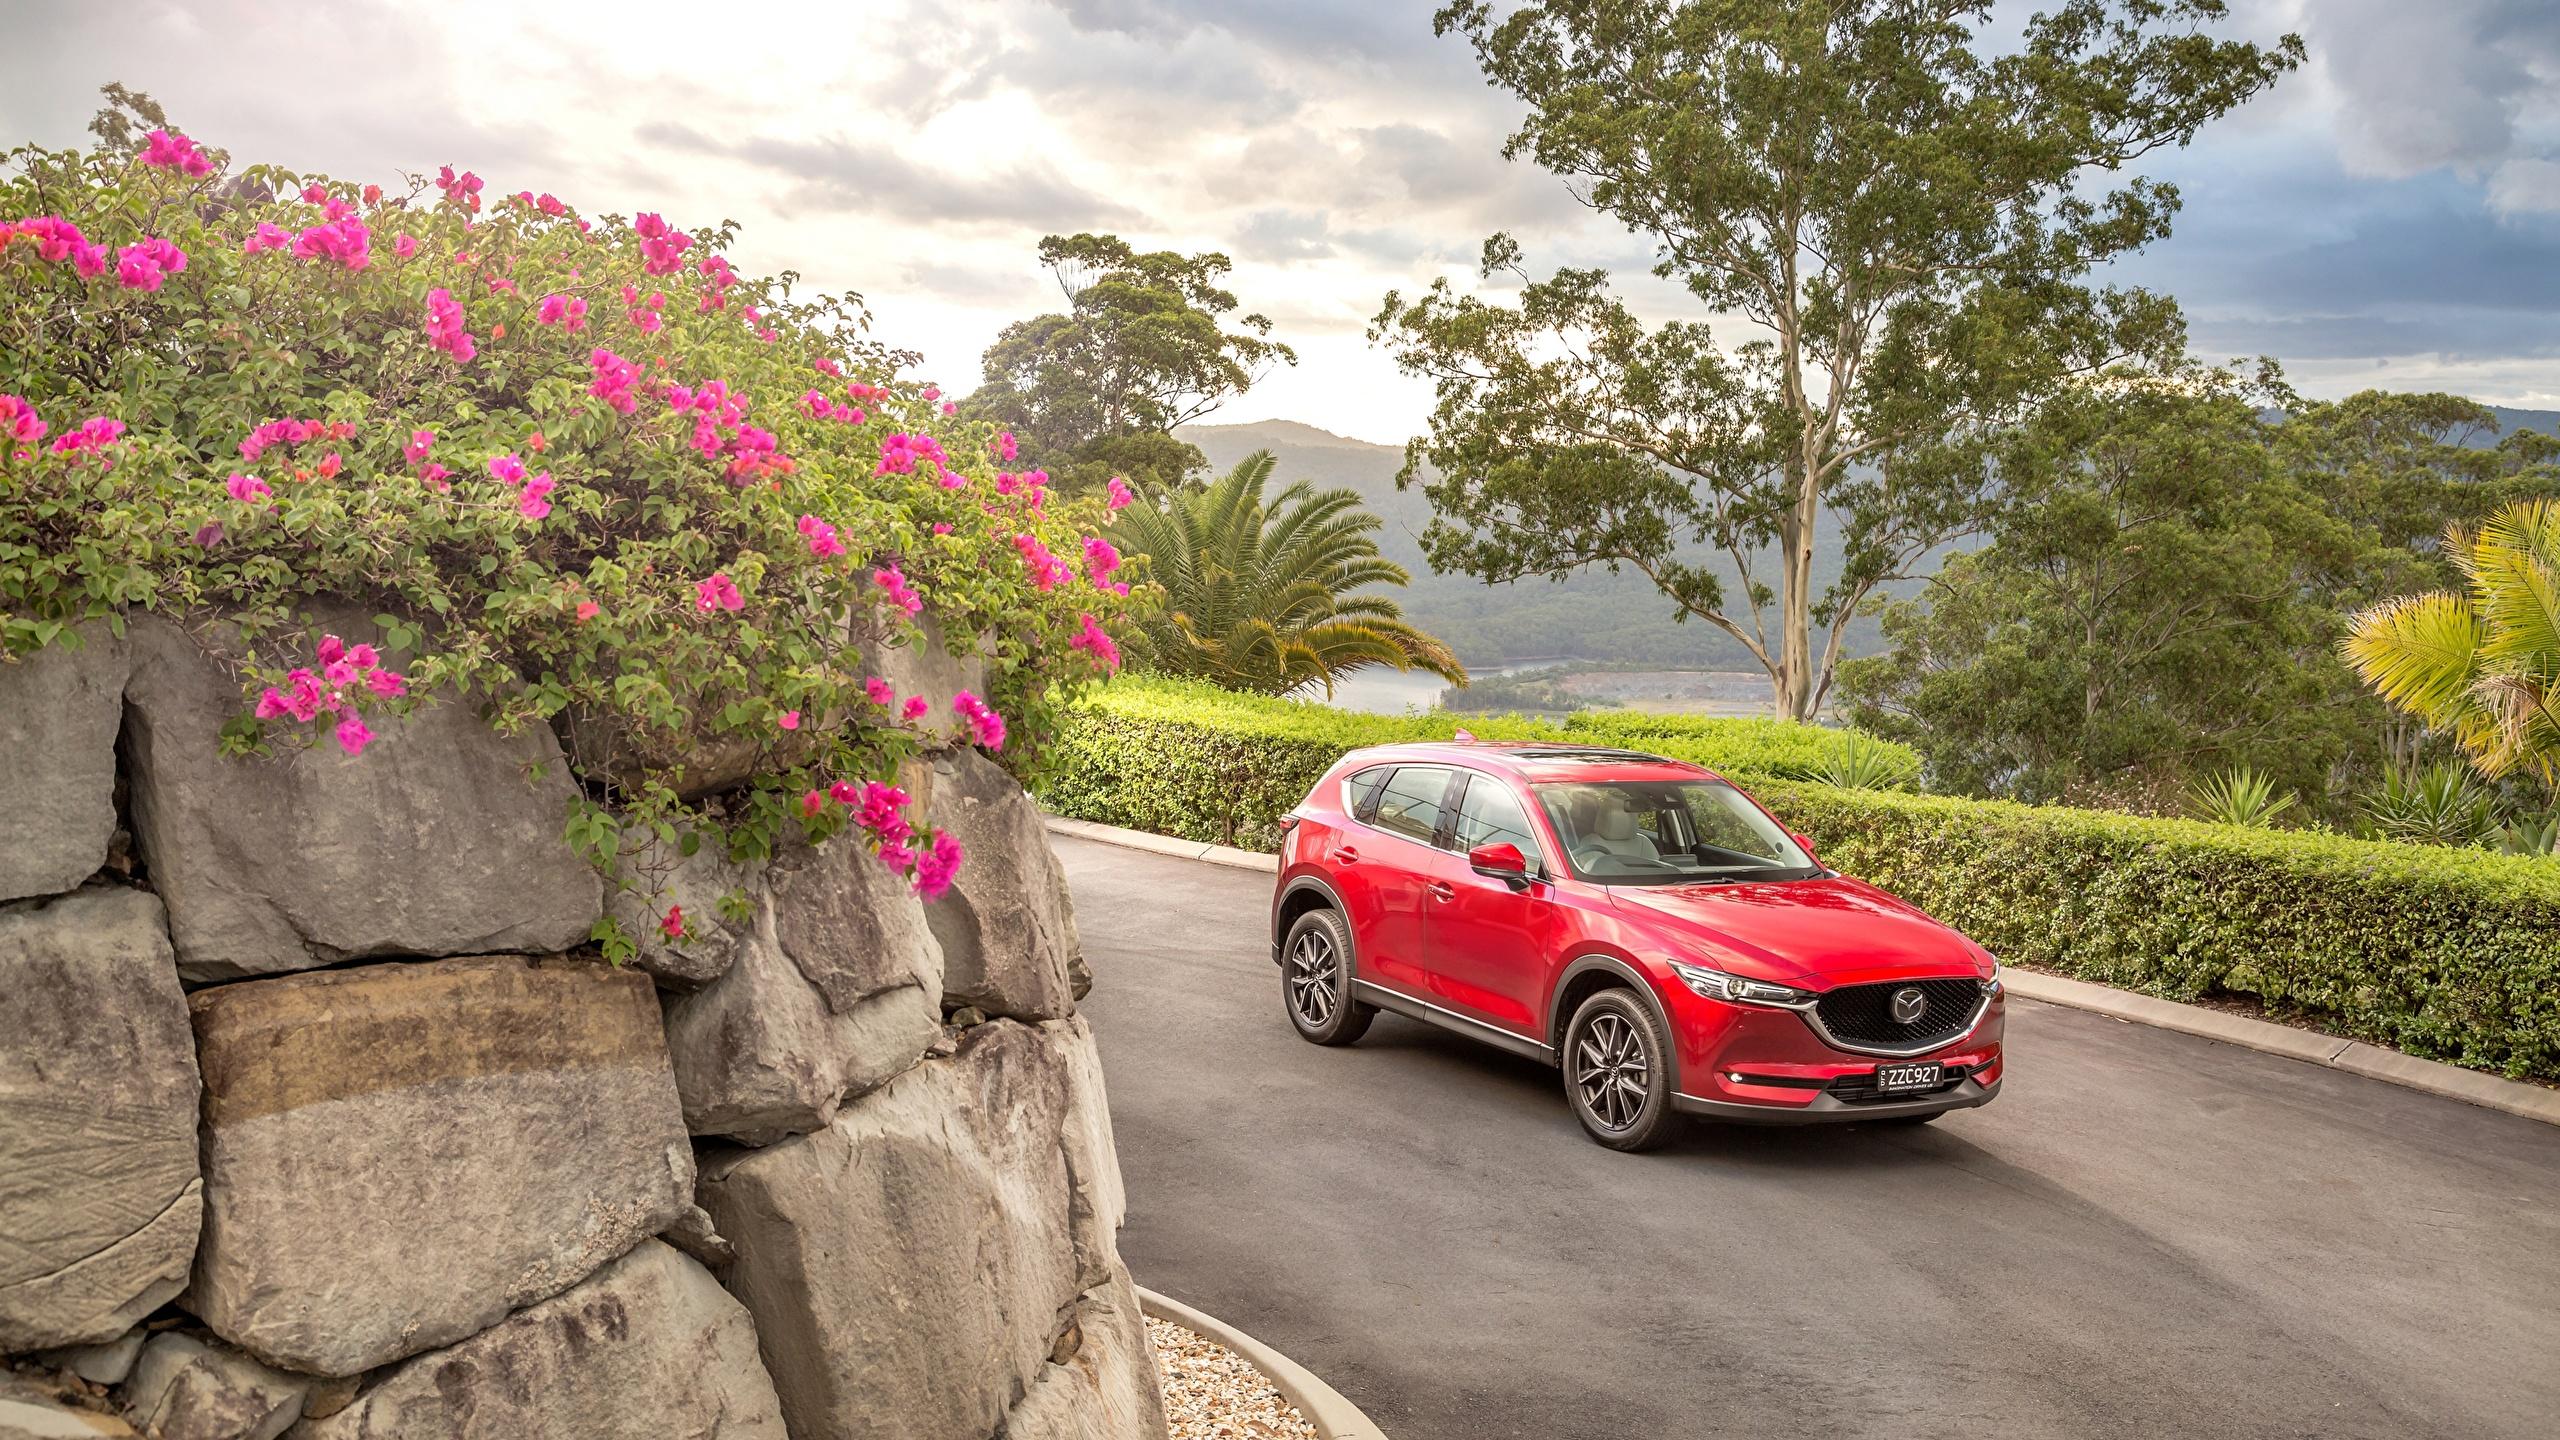 Картинка Mazda 2017 CX-5 Akera красных машина Металлик 2560x1440 Мазда Красный красные красная авто машины автомобиль Автомобили